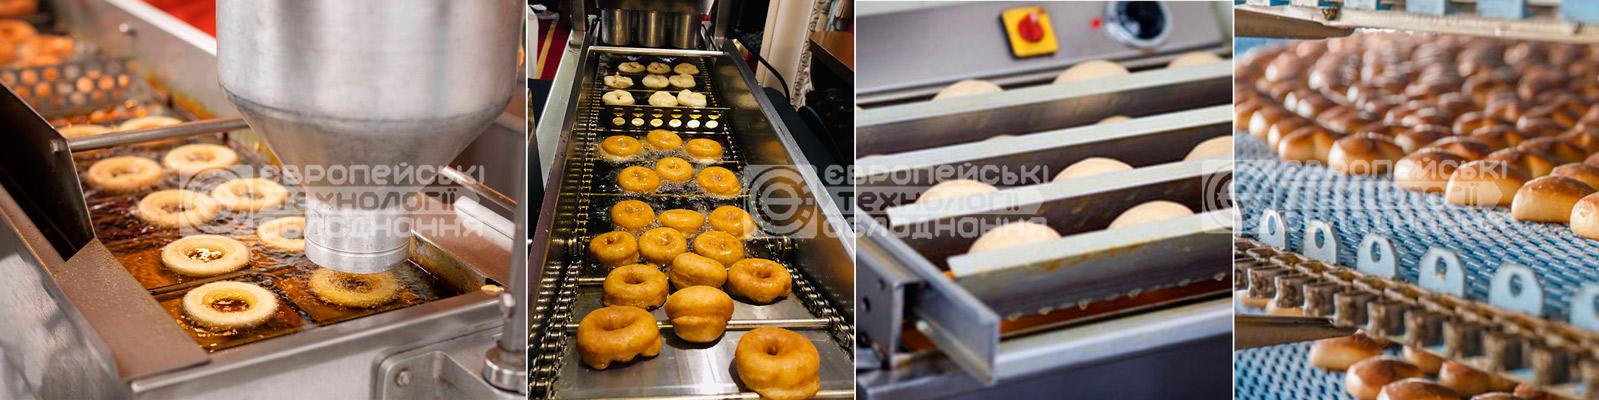 Аппараты для приготовления пончиков